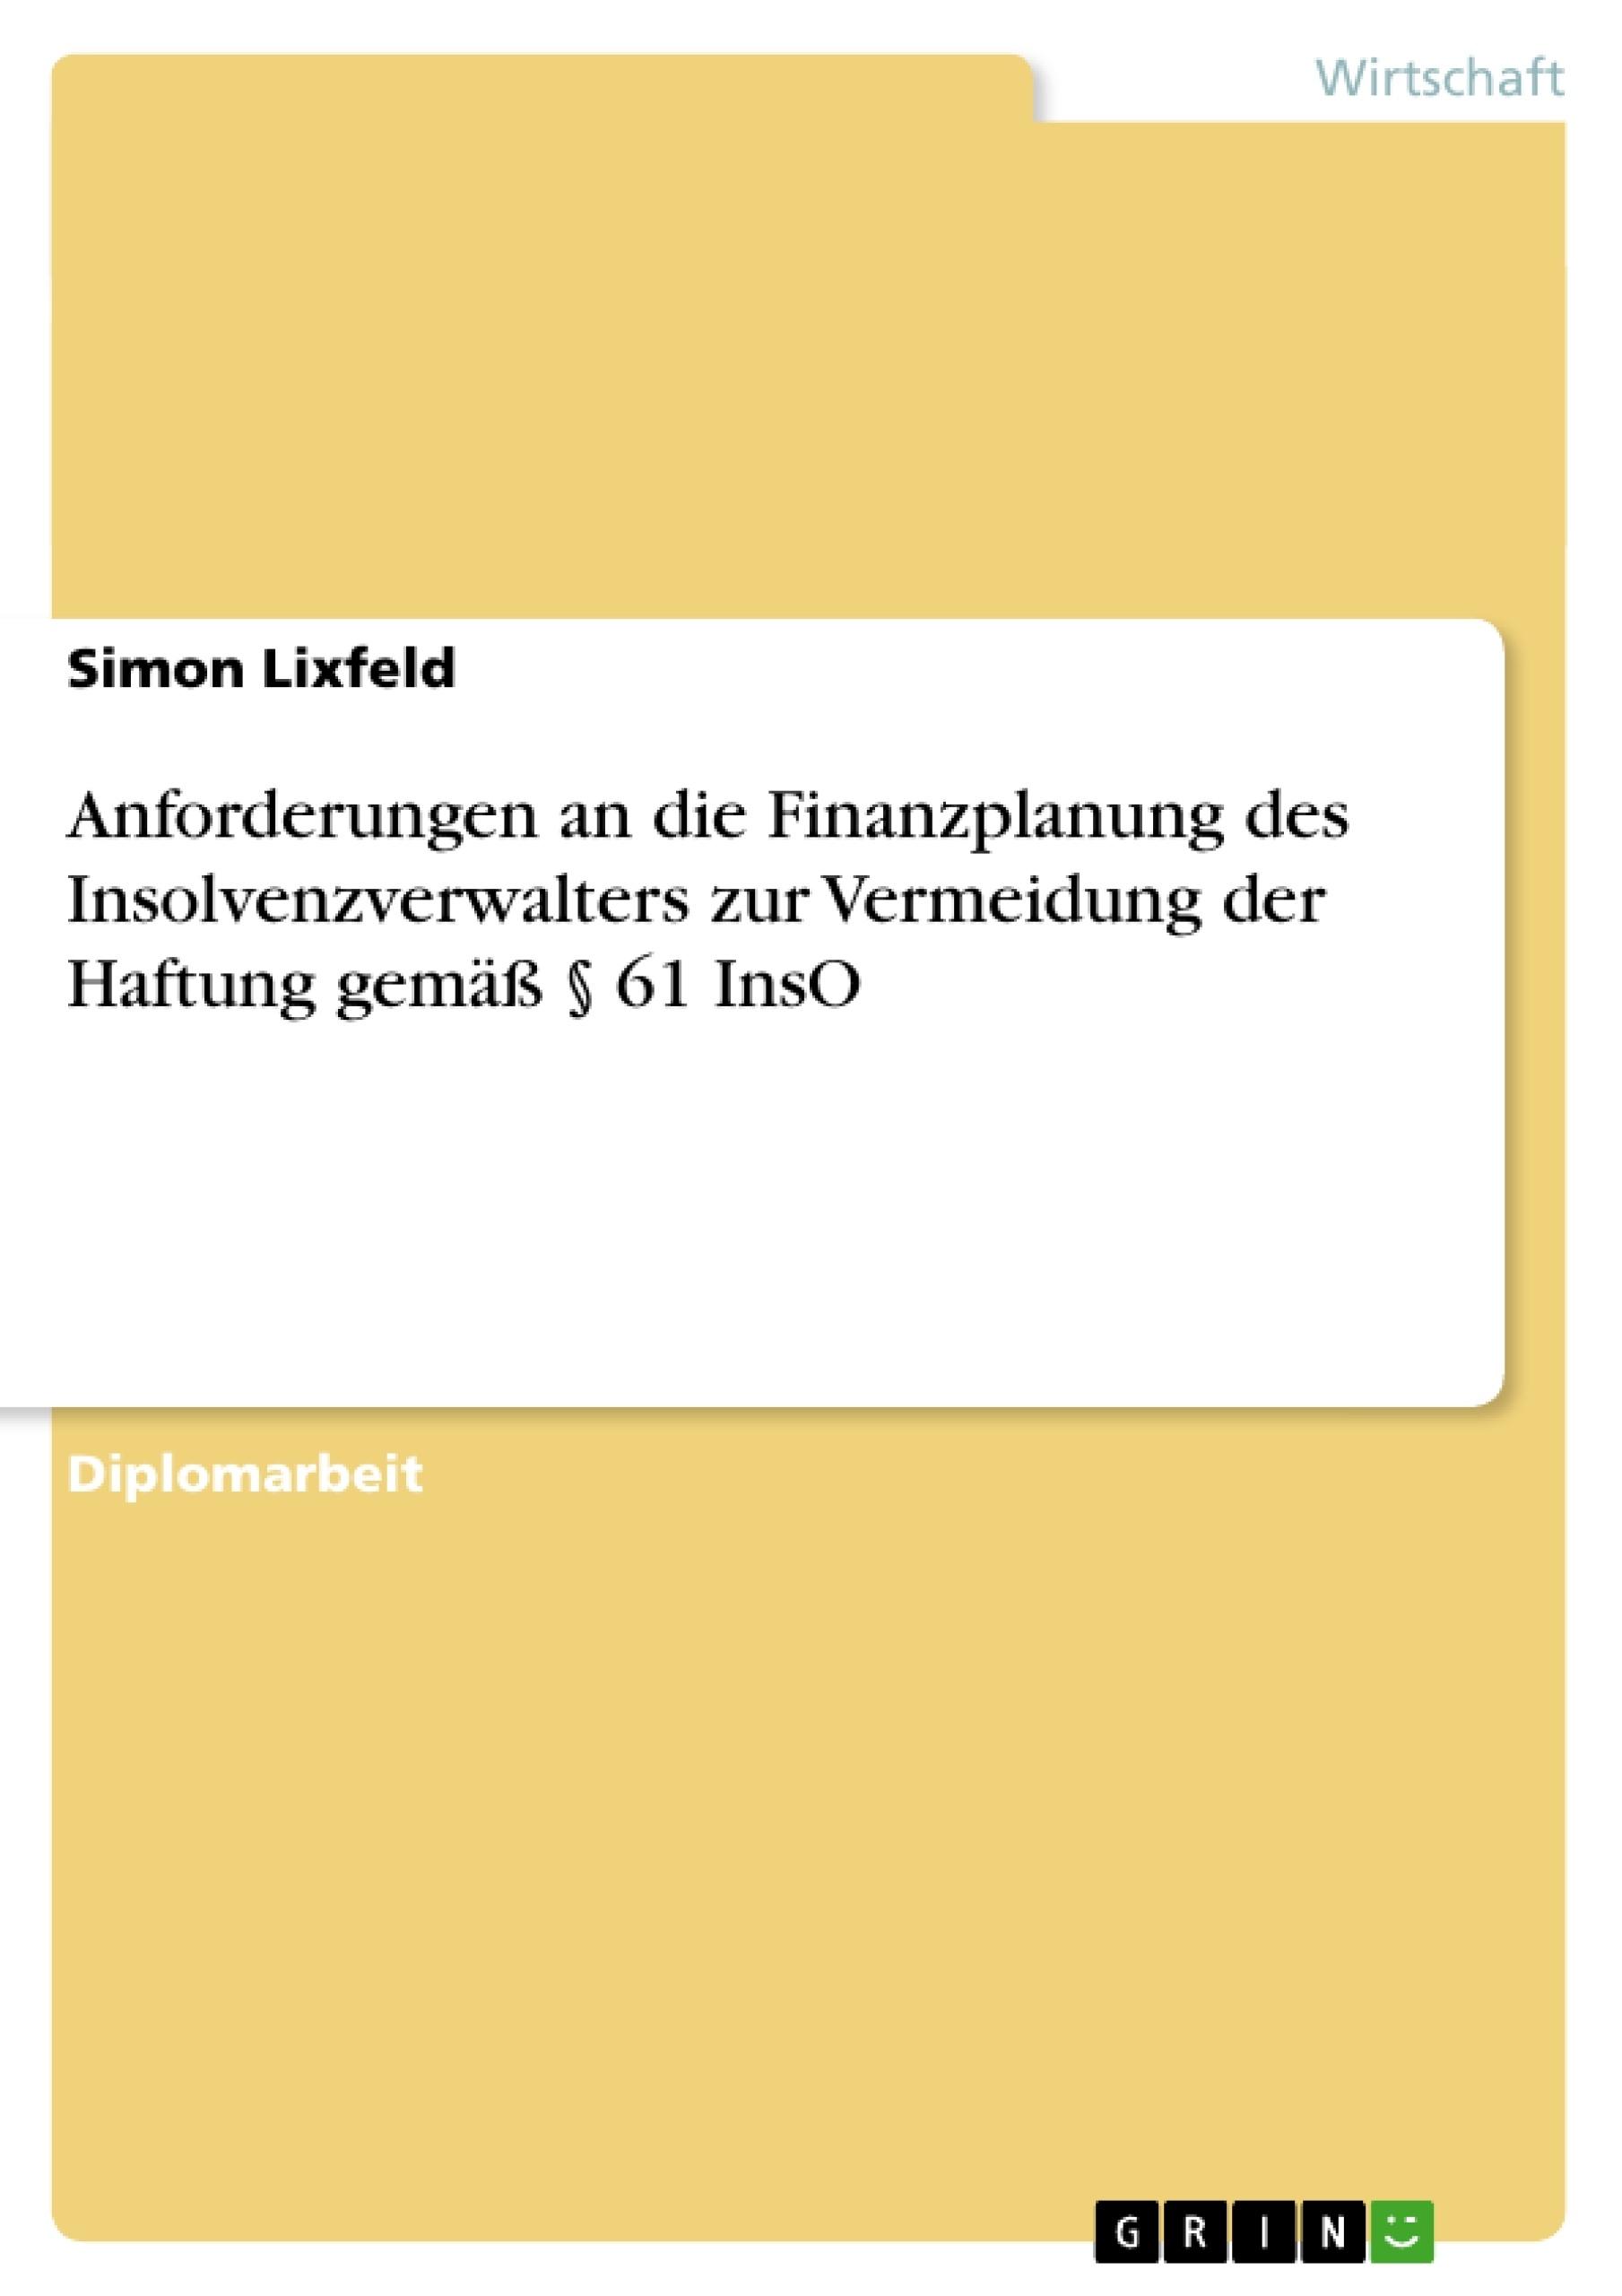 Titel: Anforderungen an die Finanzplanung des Insolvenzverwalters zur Vermeidung der Haftung gemäß § 61 InsO